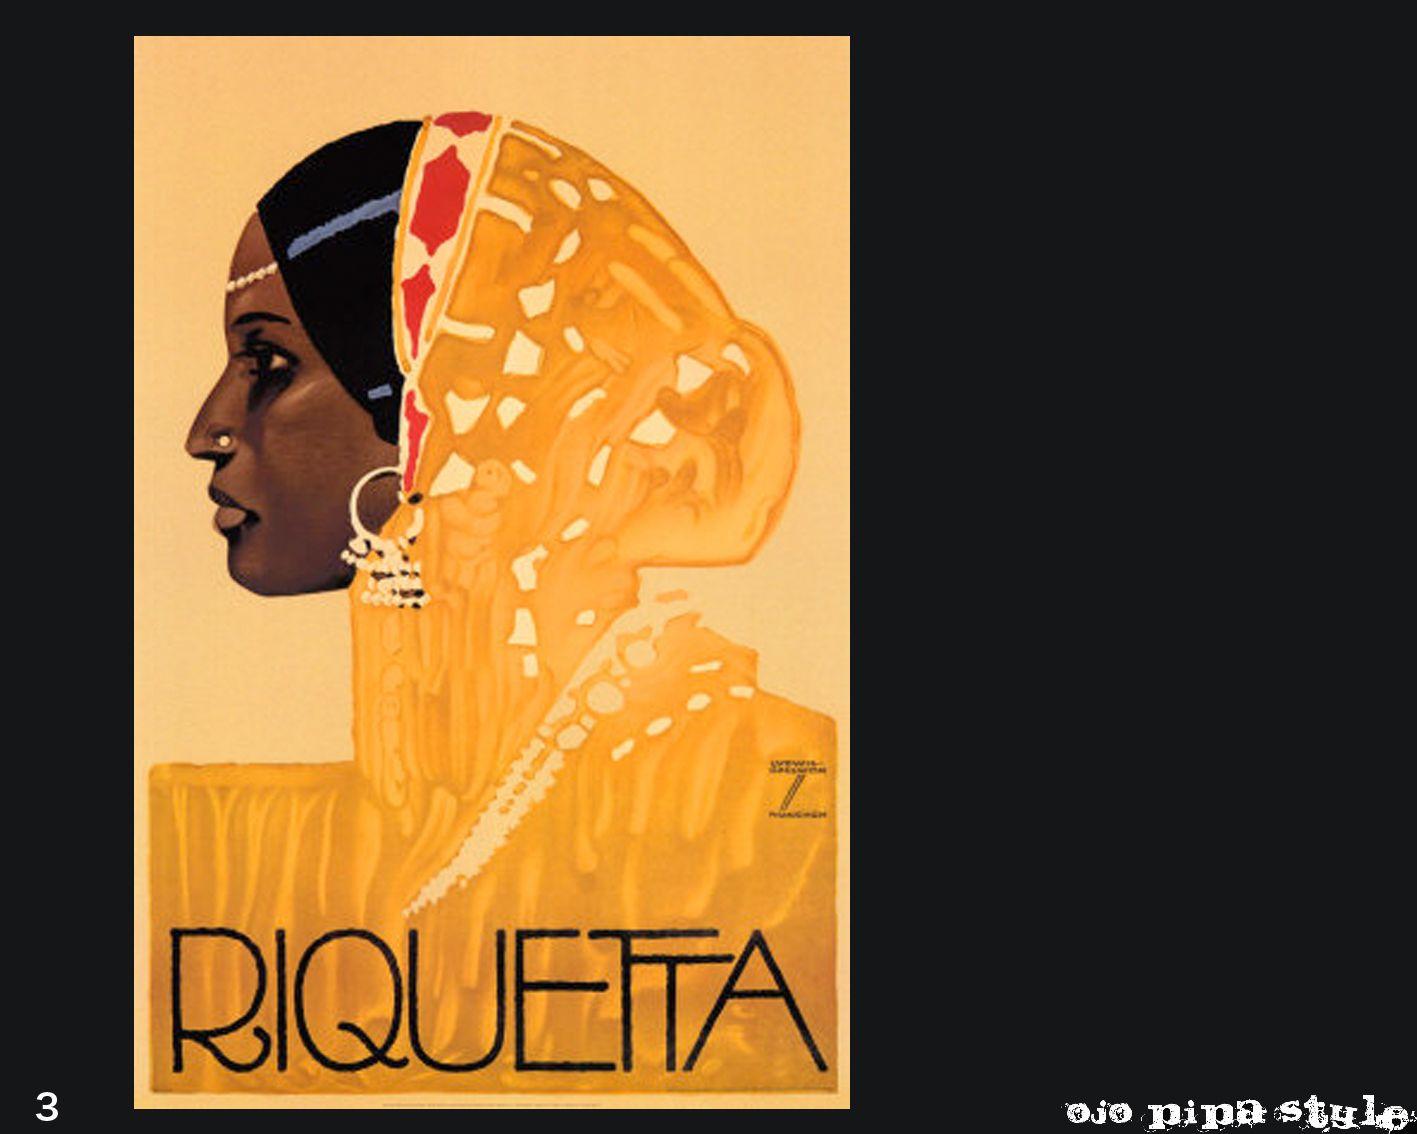 OJOPIPA STYLE: Riquetta